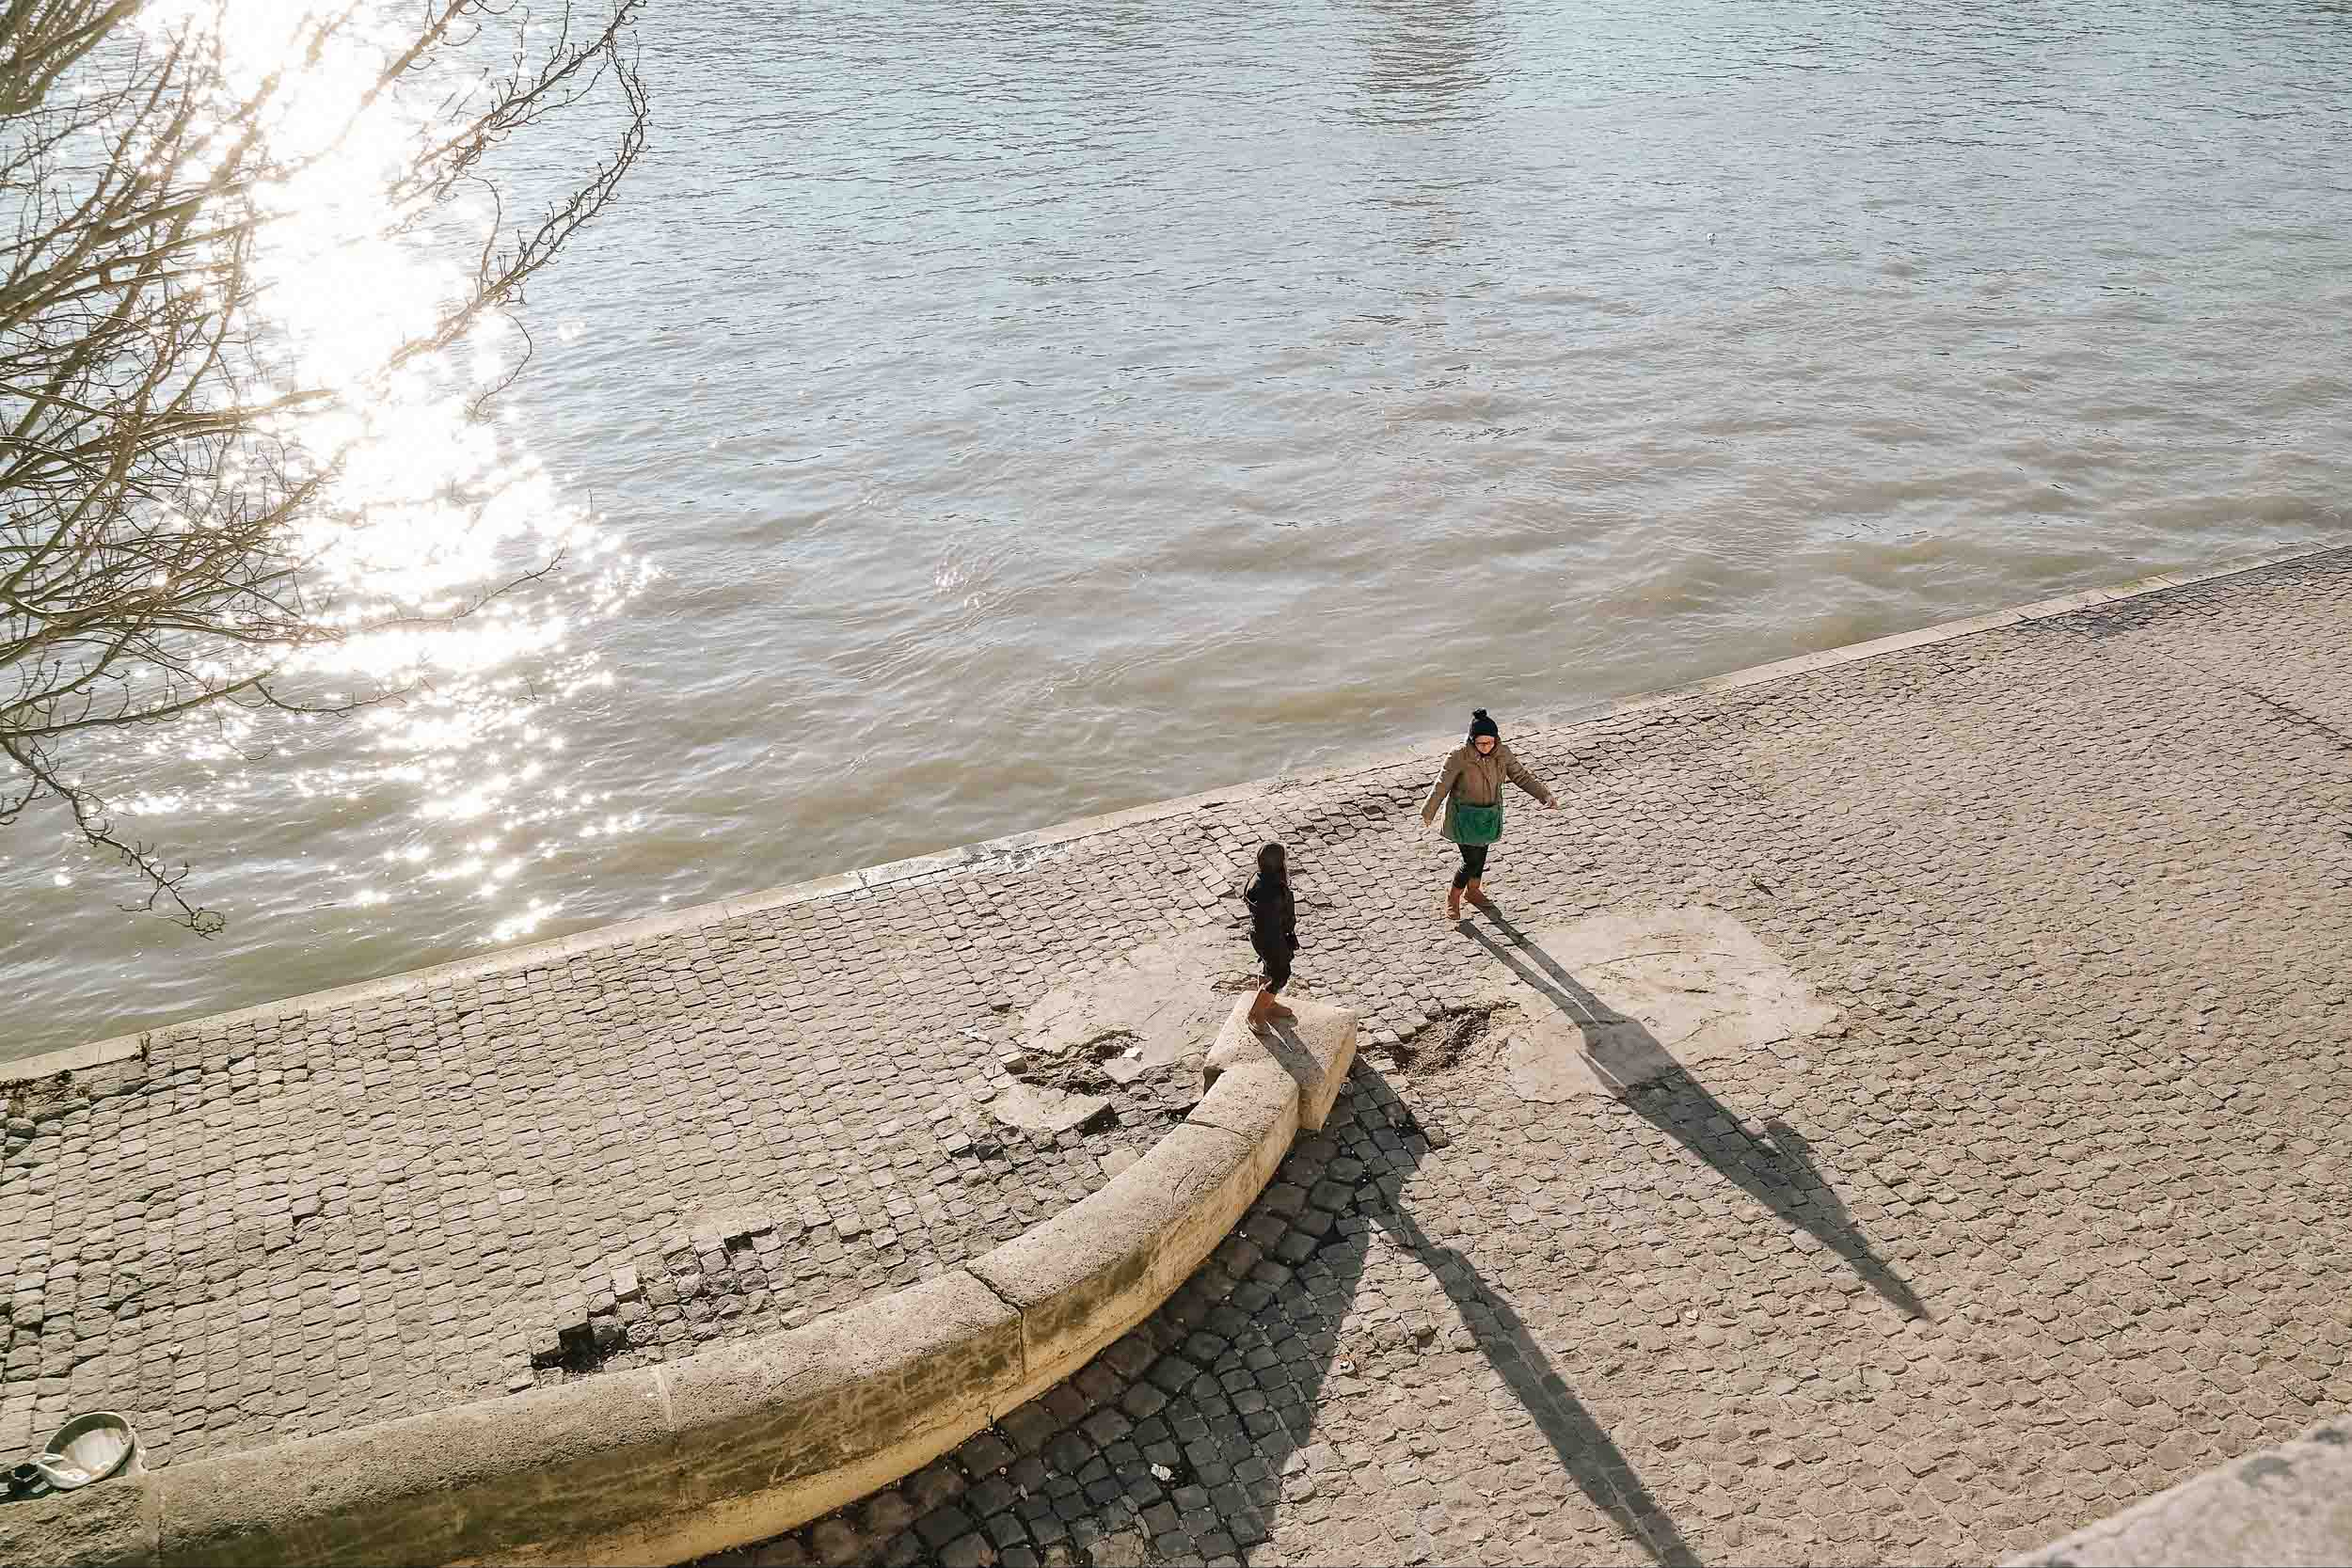 Winter in Paris on the Seine